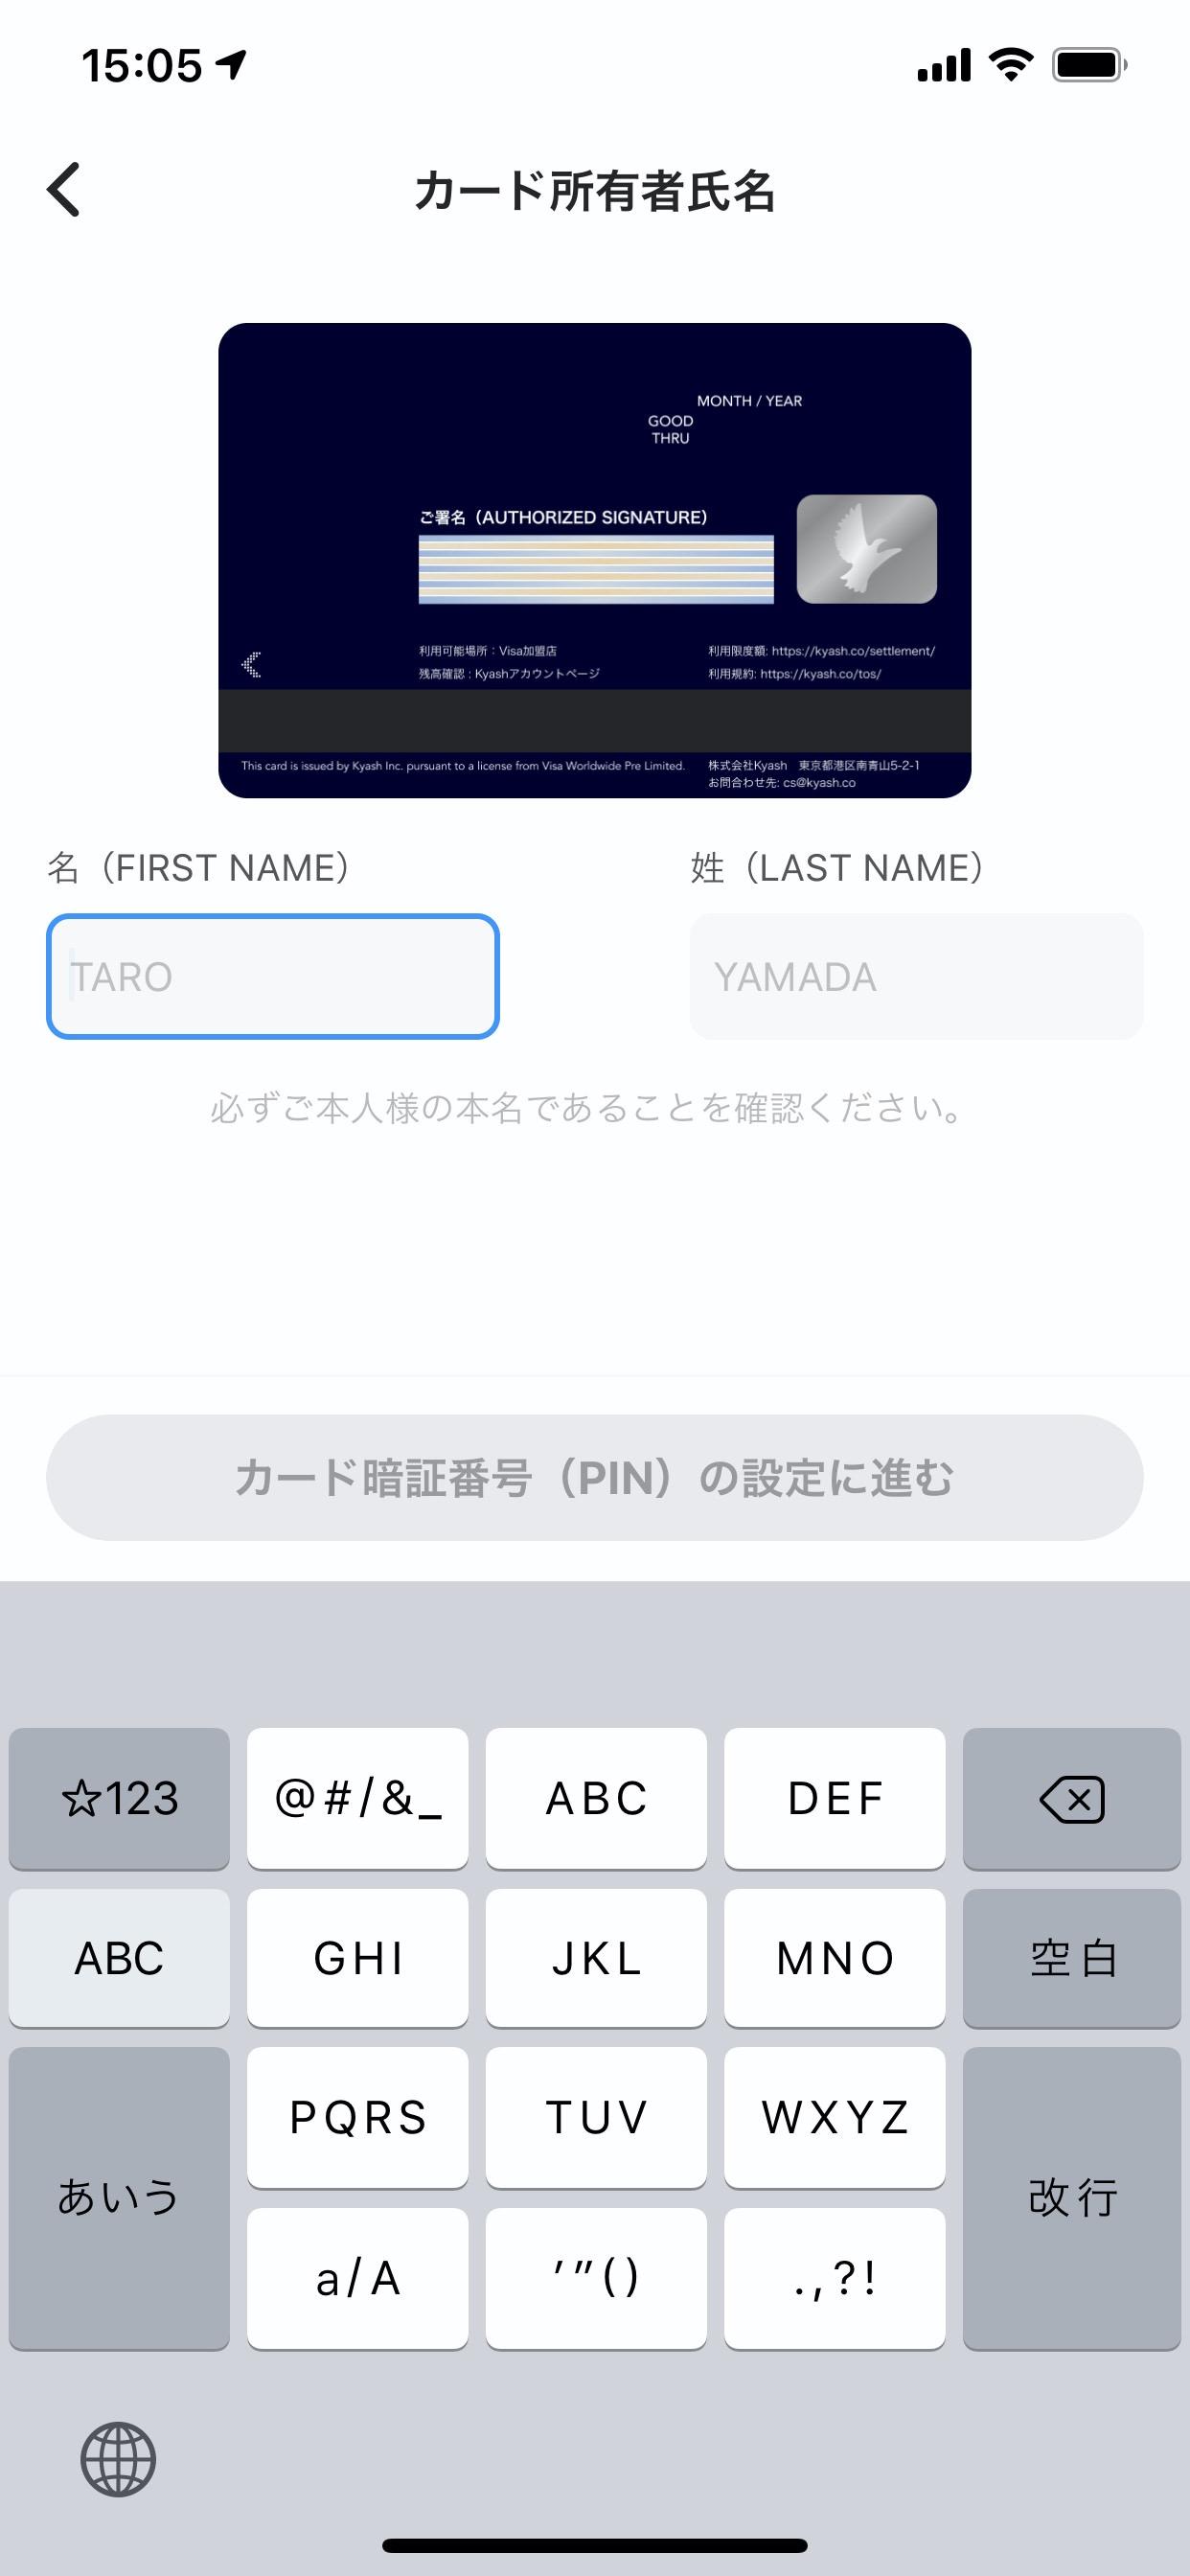 「Kyash Card」を申し込む方法 9